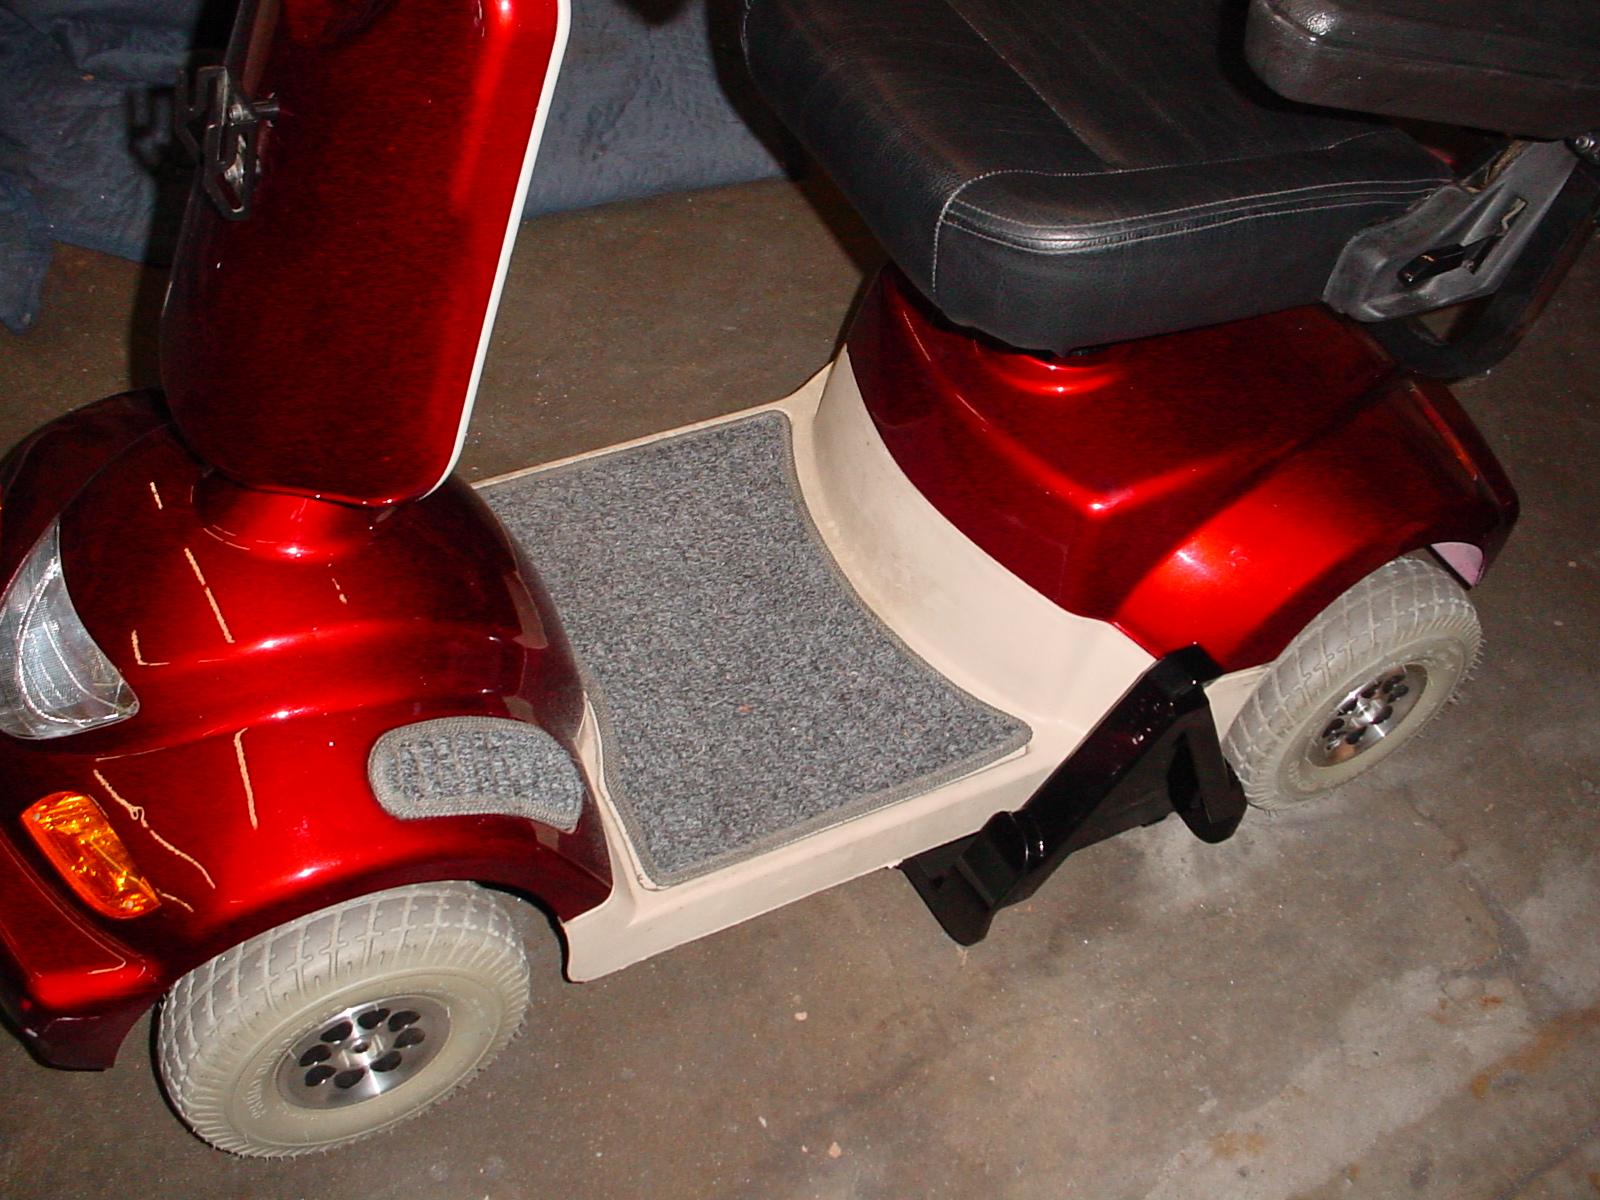 Bracket on A Scooter.